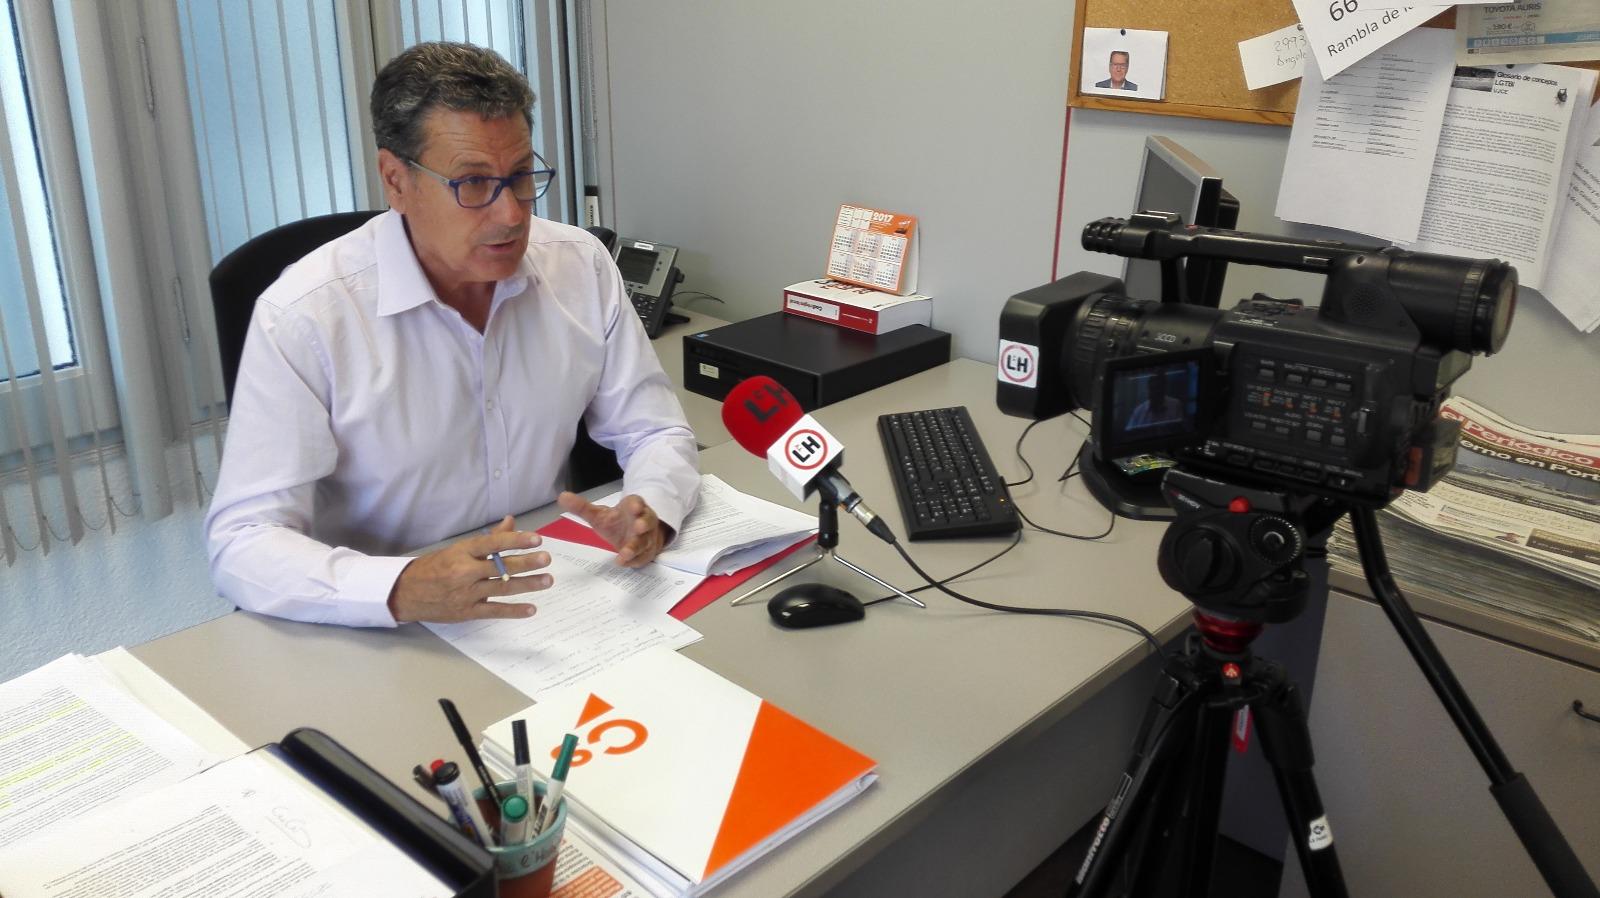 El portavoz de Cs en l'Hospitalet de Llobregat, Miguel García, atiende a los medios de comunicación